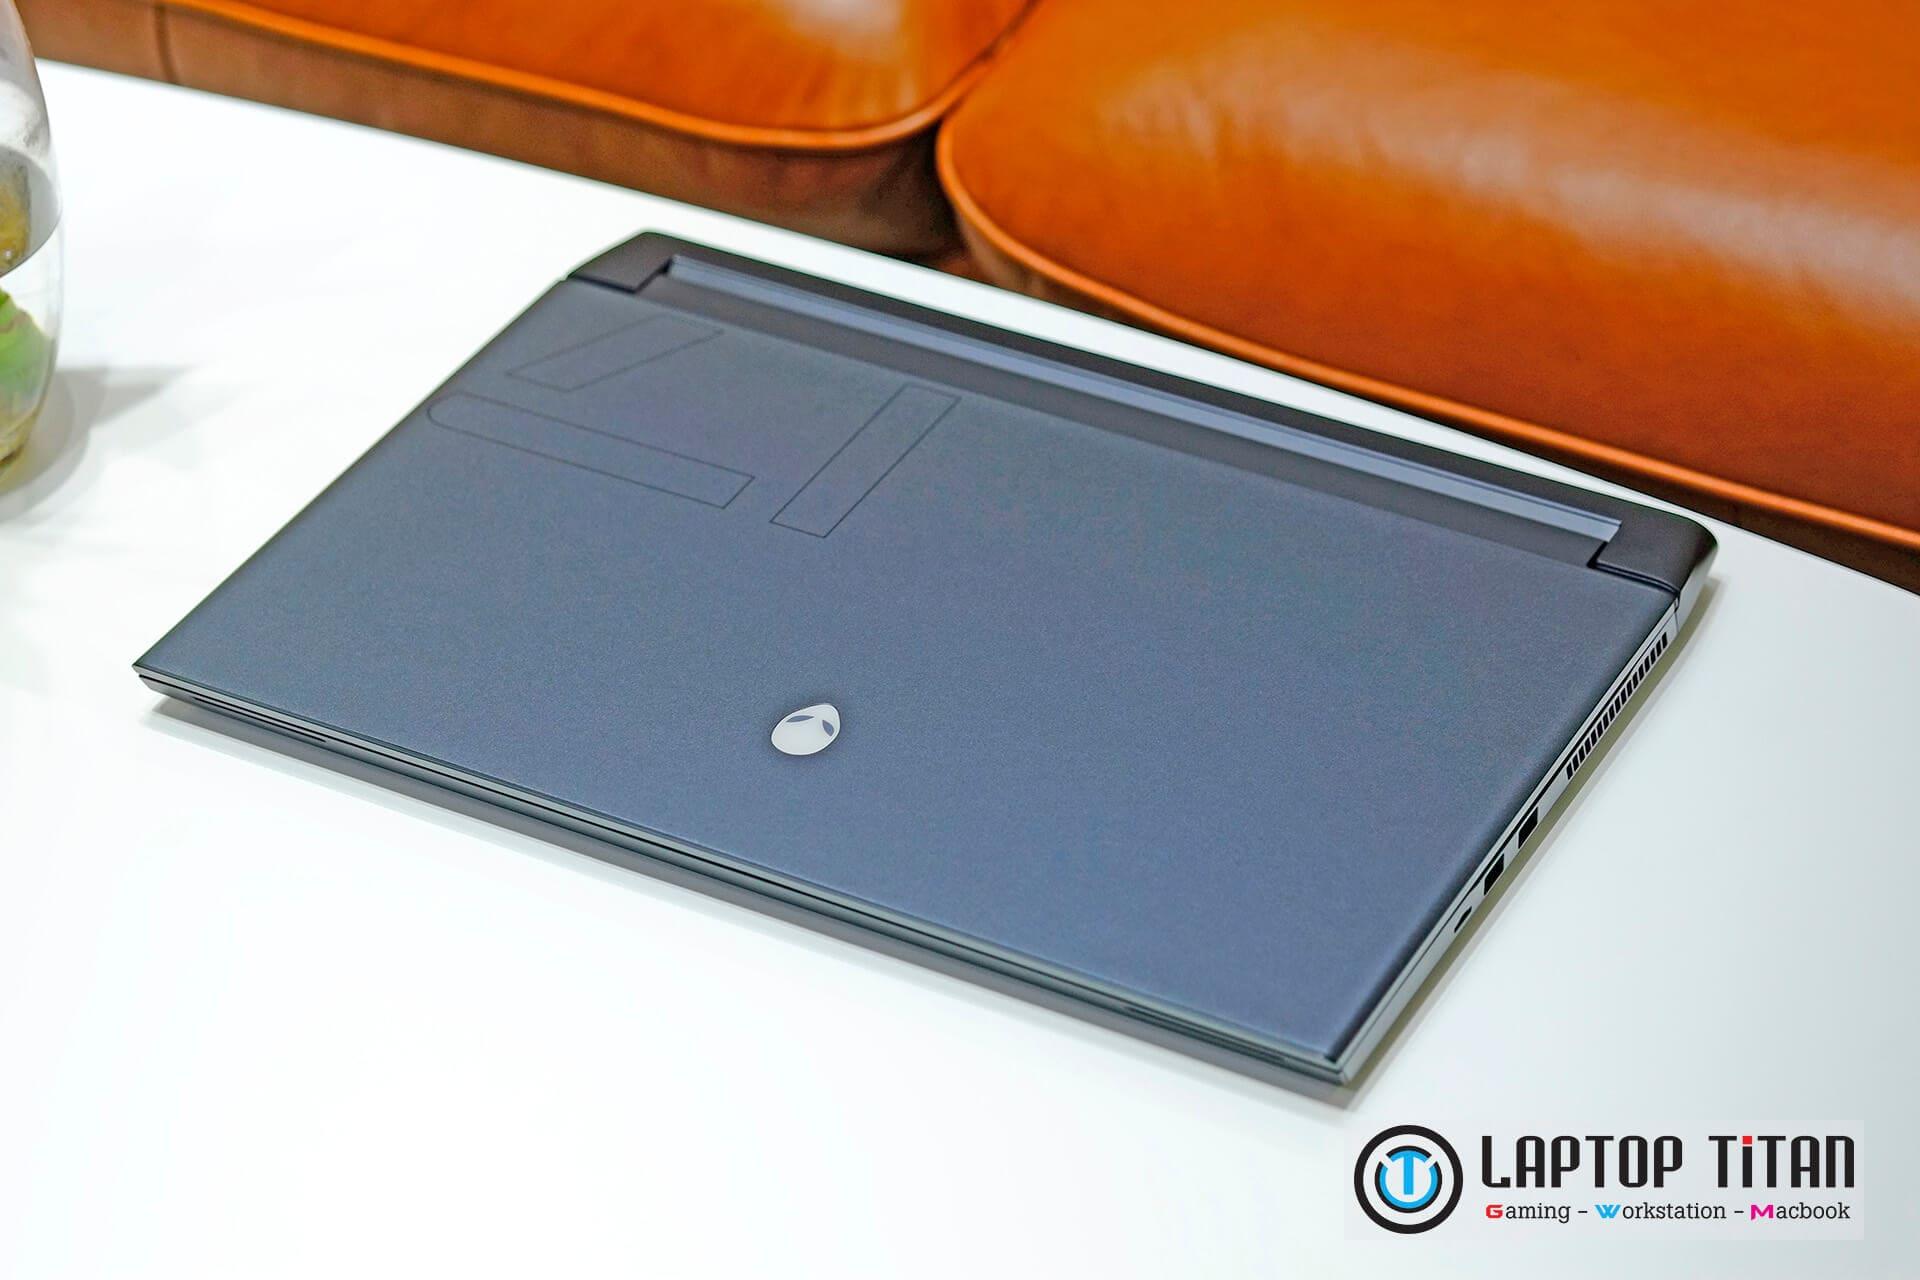 Dell Alienware M17 R4 Core i7 10870H / 16GB / 1TB / RTX 3070 8GB / 17.3 inch FHD 144Hz